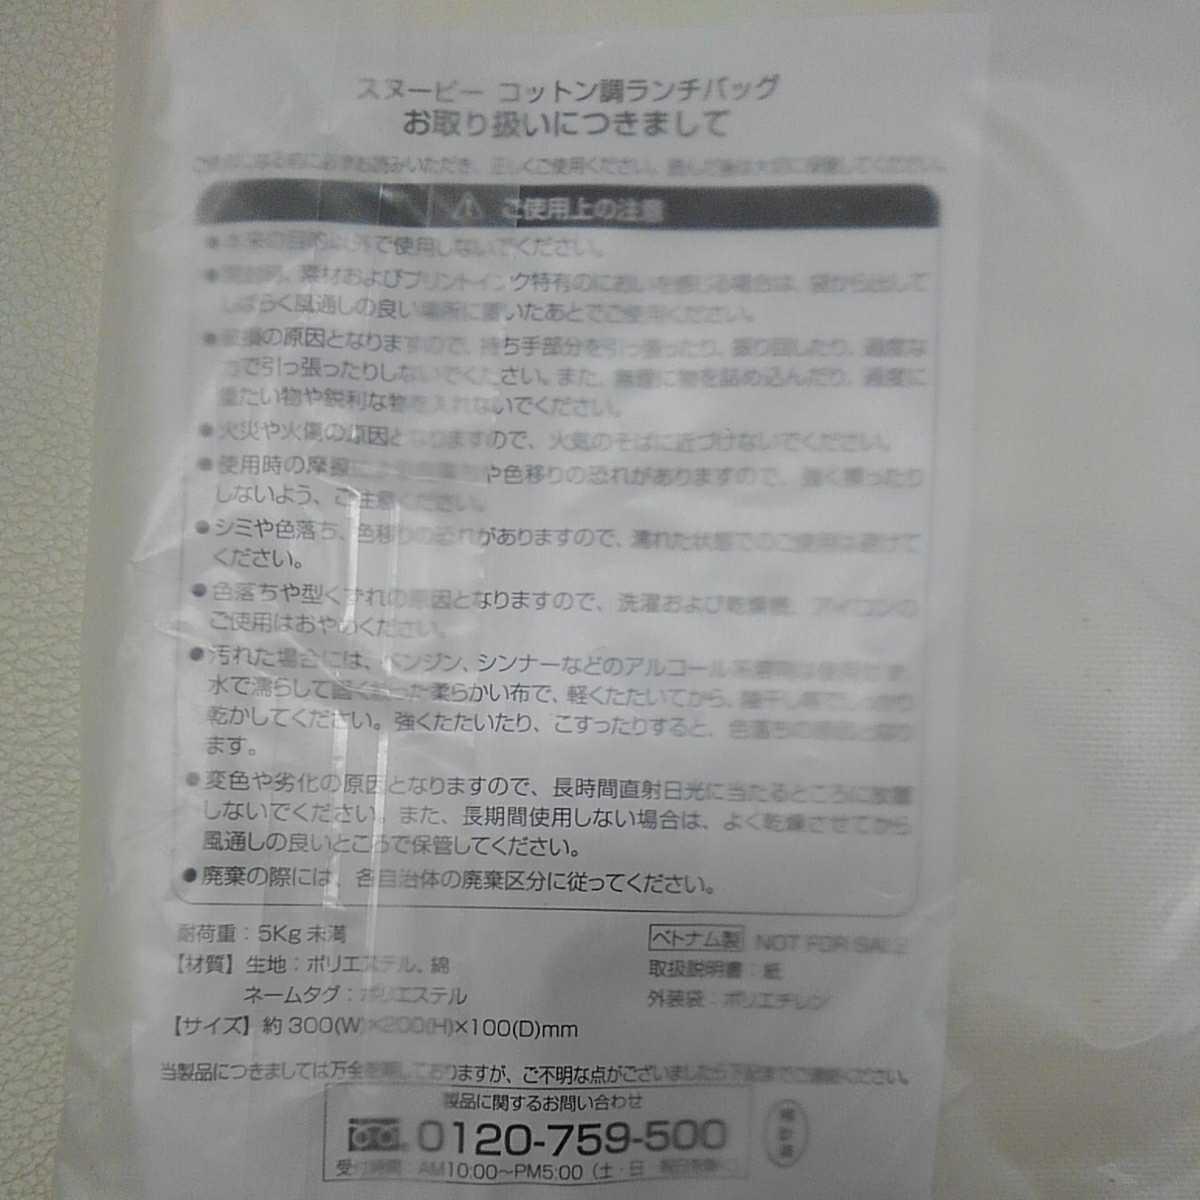 ◎スヌーピー コットン調ランチバッグ AOKI 非売品 新品未開封◎_画像5